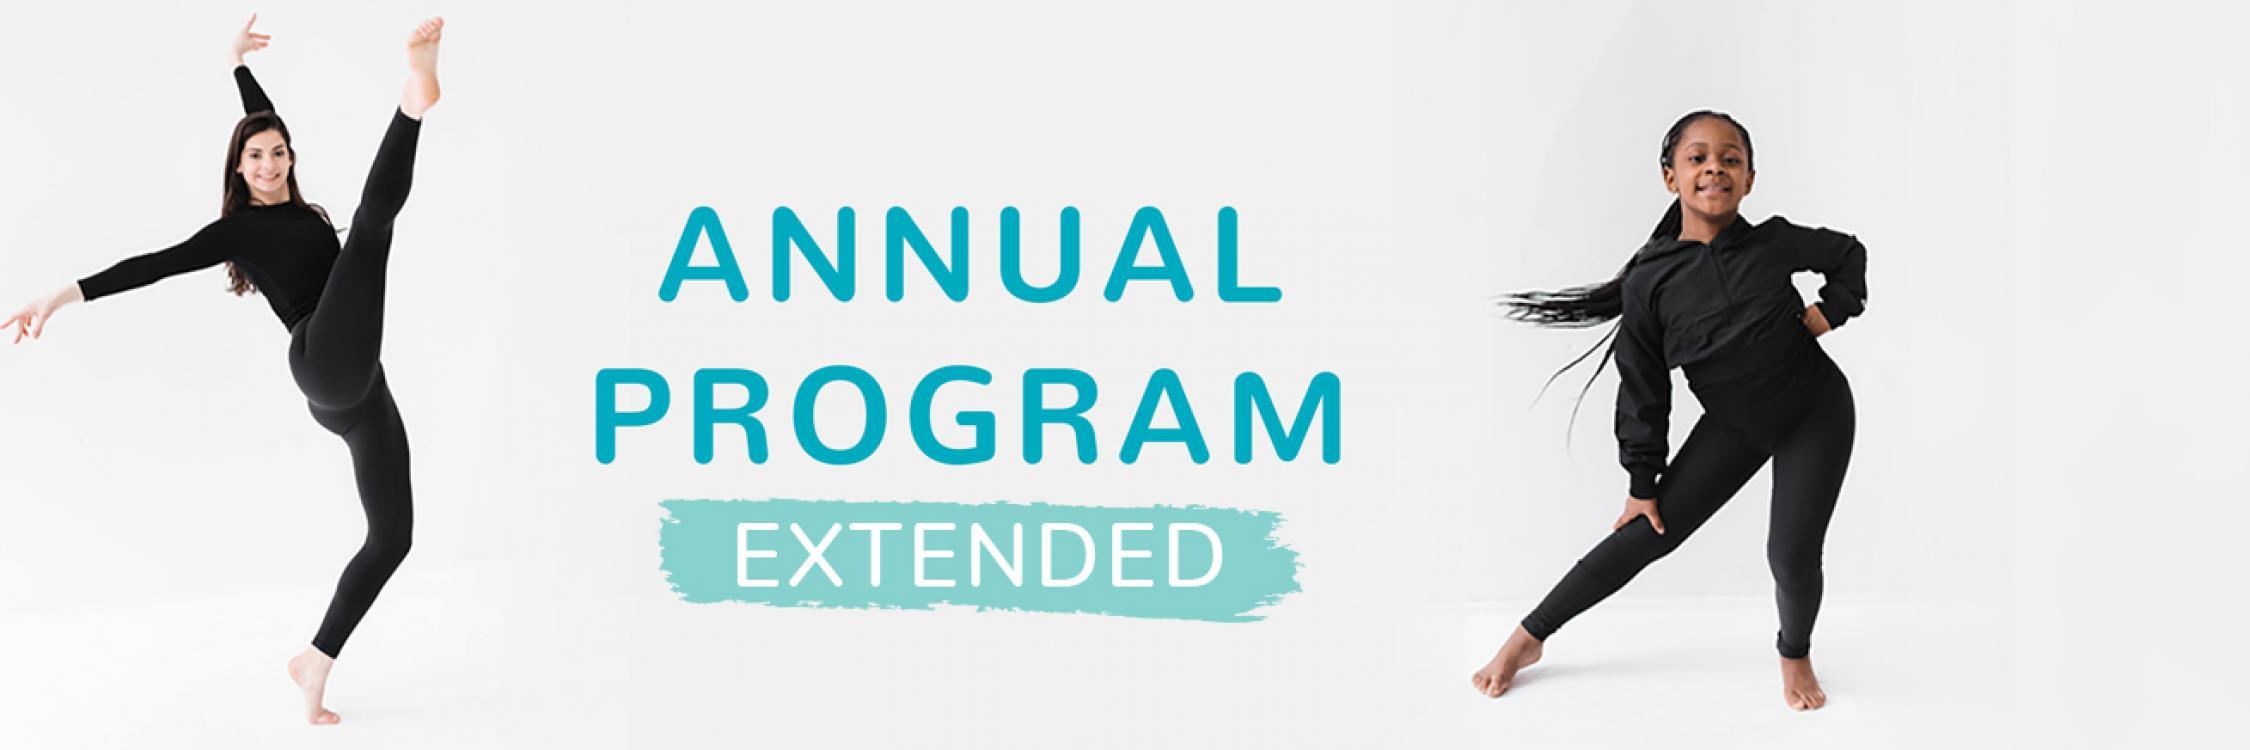 Annual Program Extended